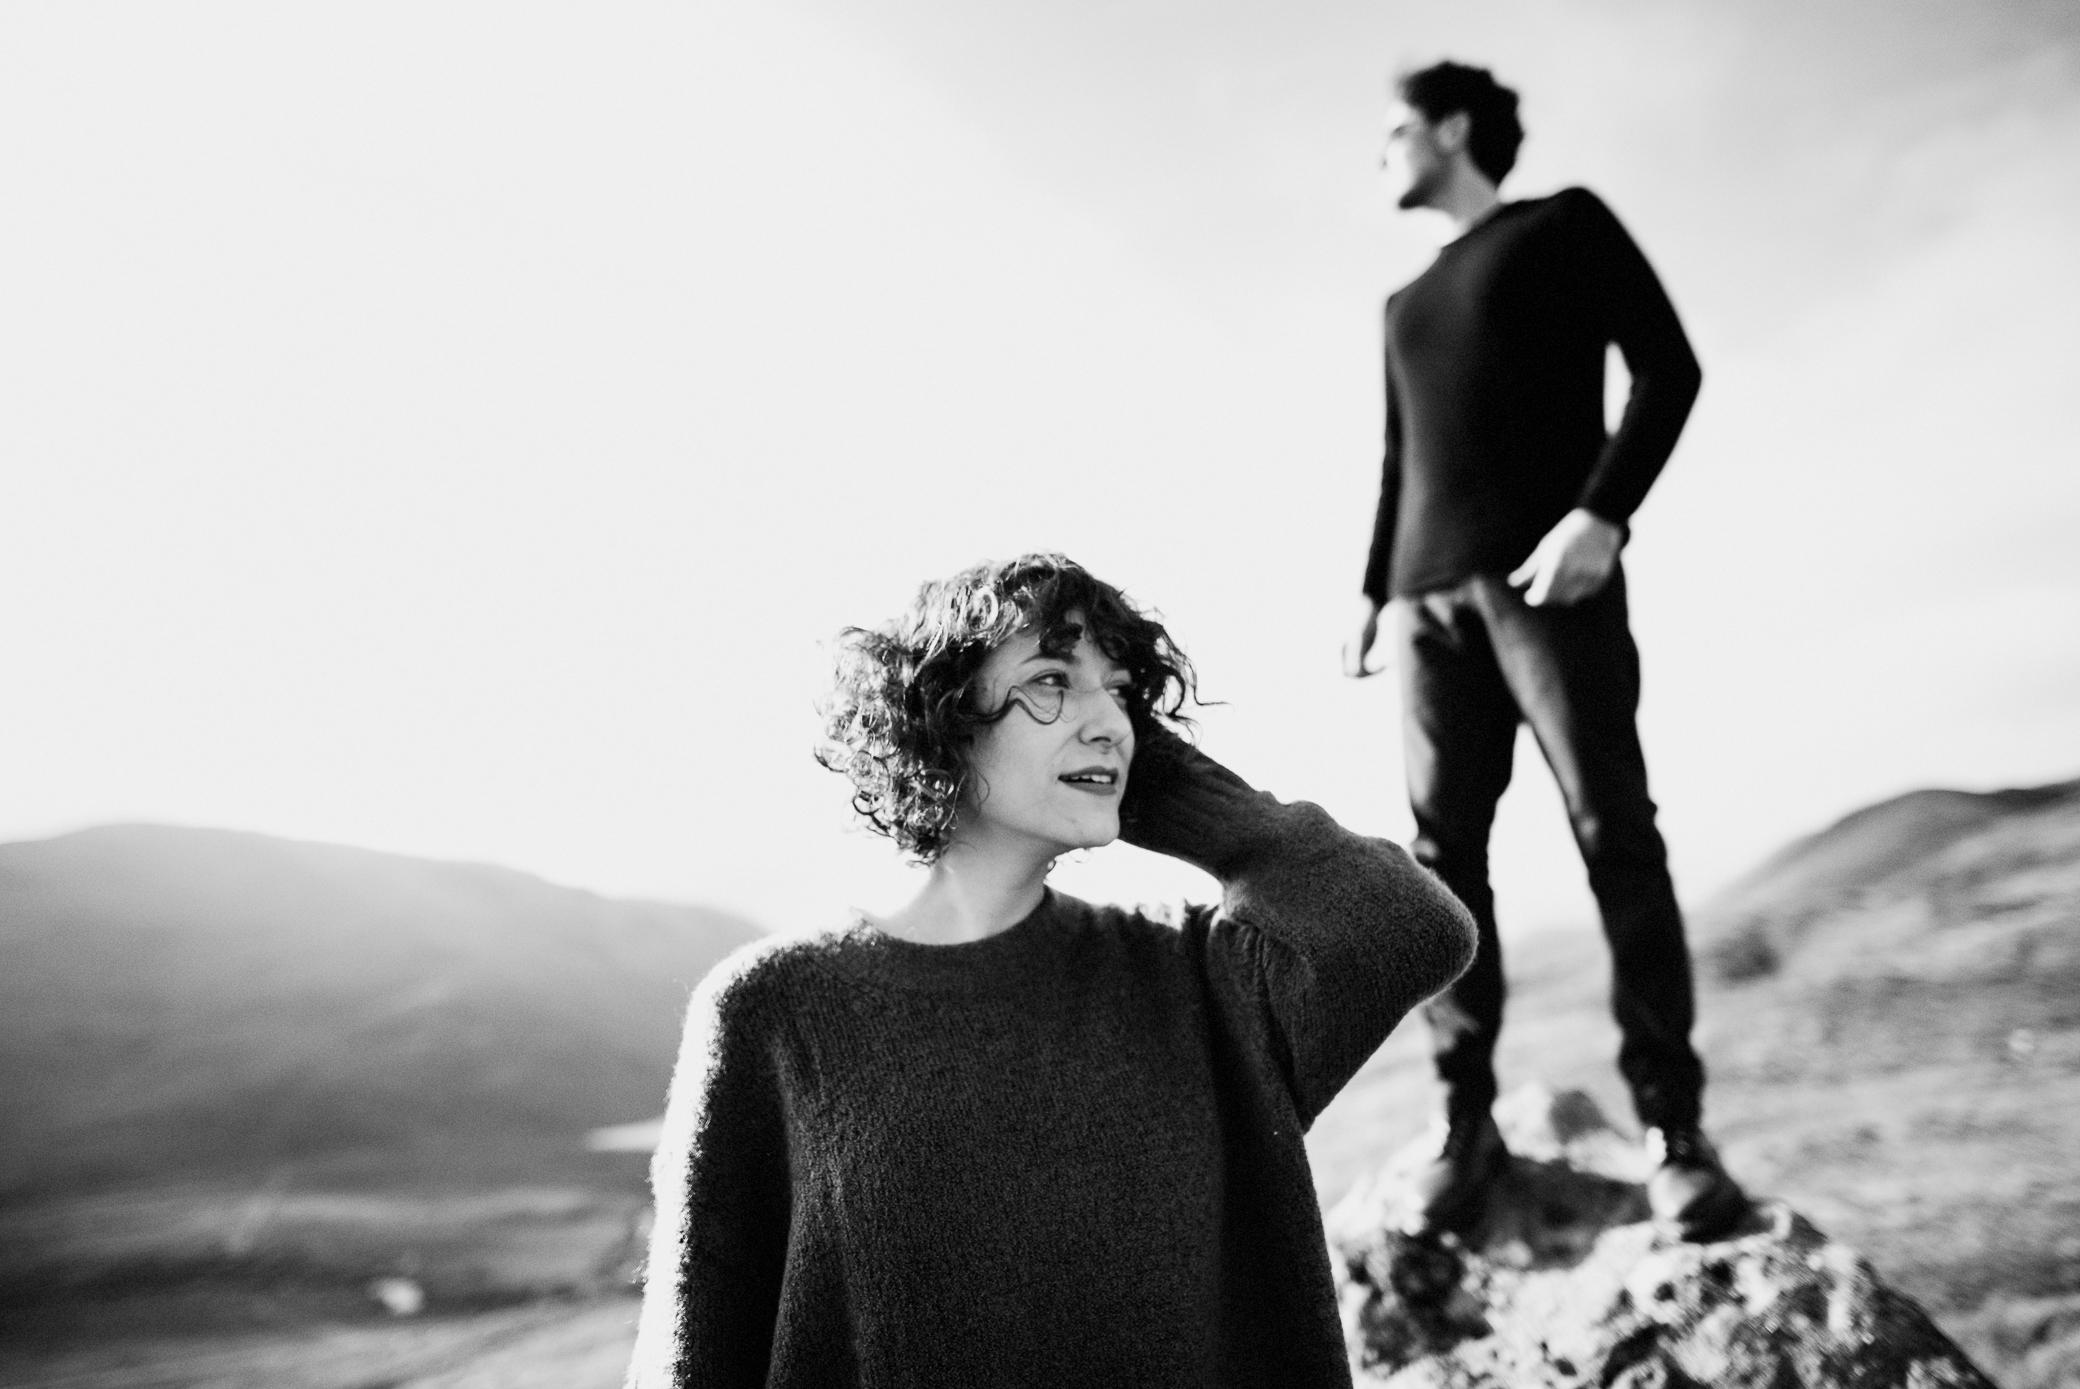 Meiry&Nic_Elopetoireland-13.jpg